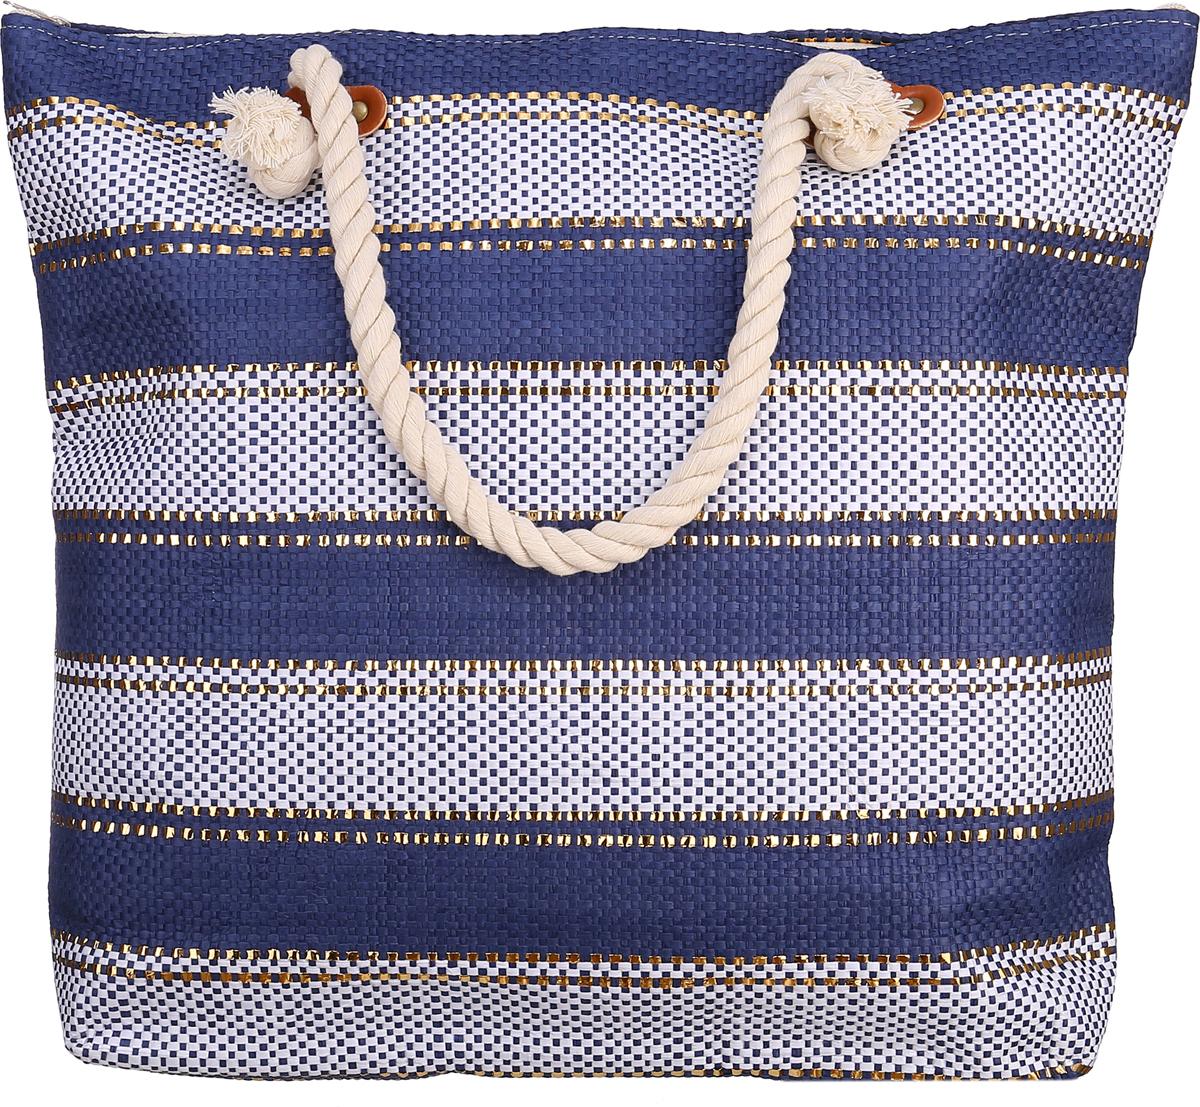 цена на Сумка пляжная Модные истории, цвет: синий. 3/0255/180